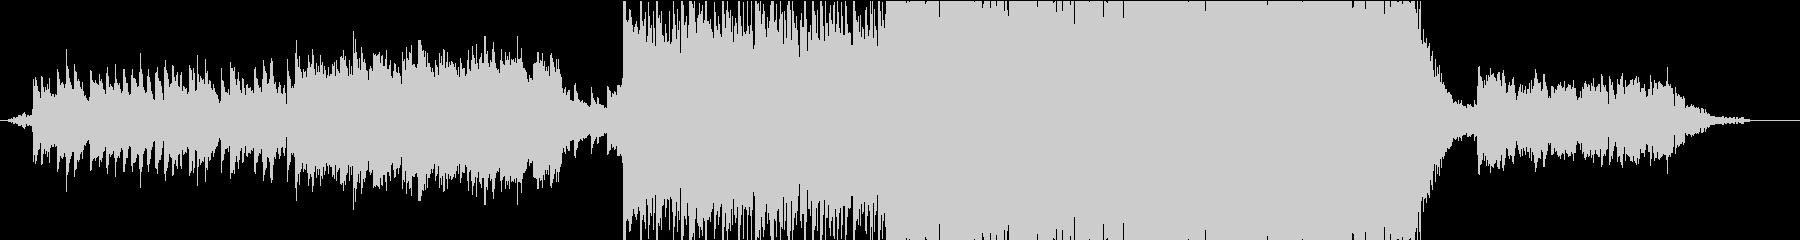 インディーズ ロック 現代的 交響...の未再生の波形